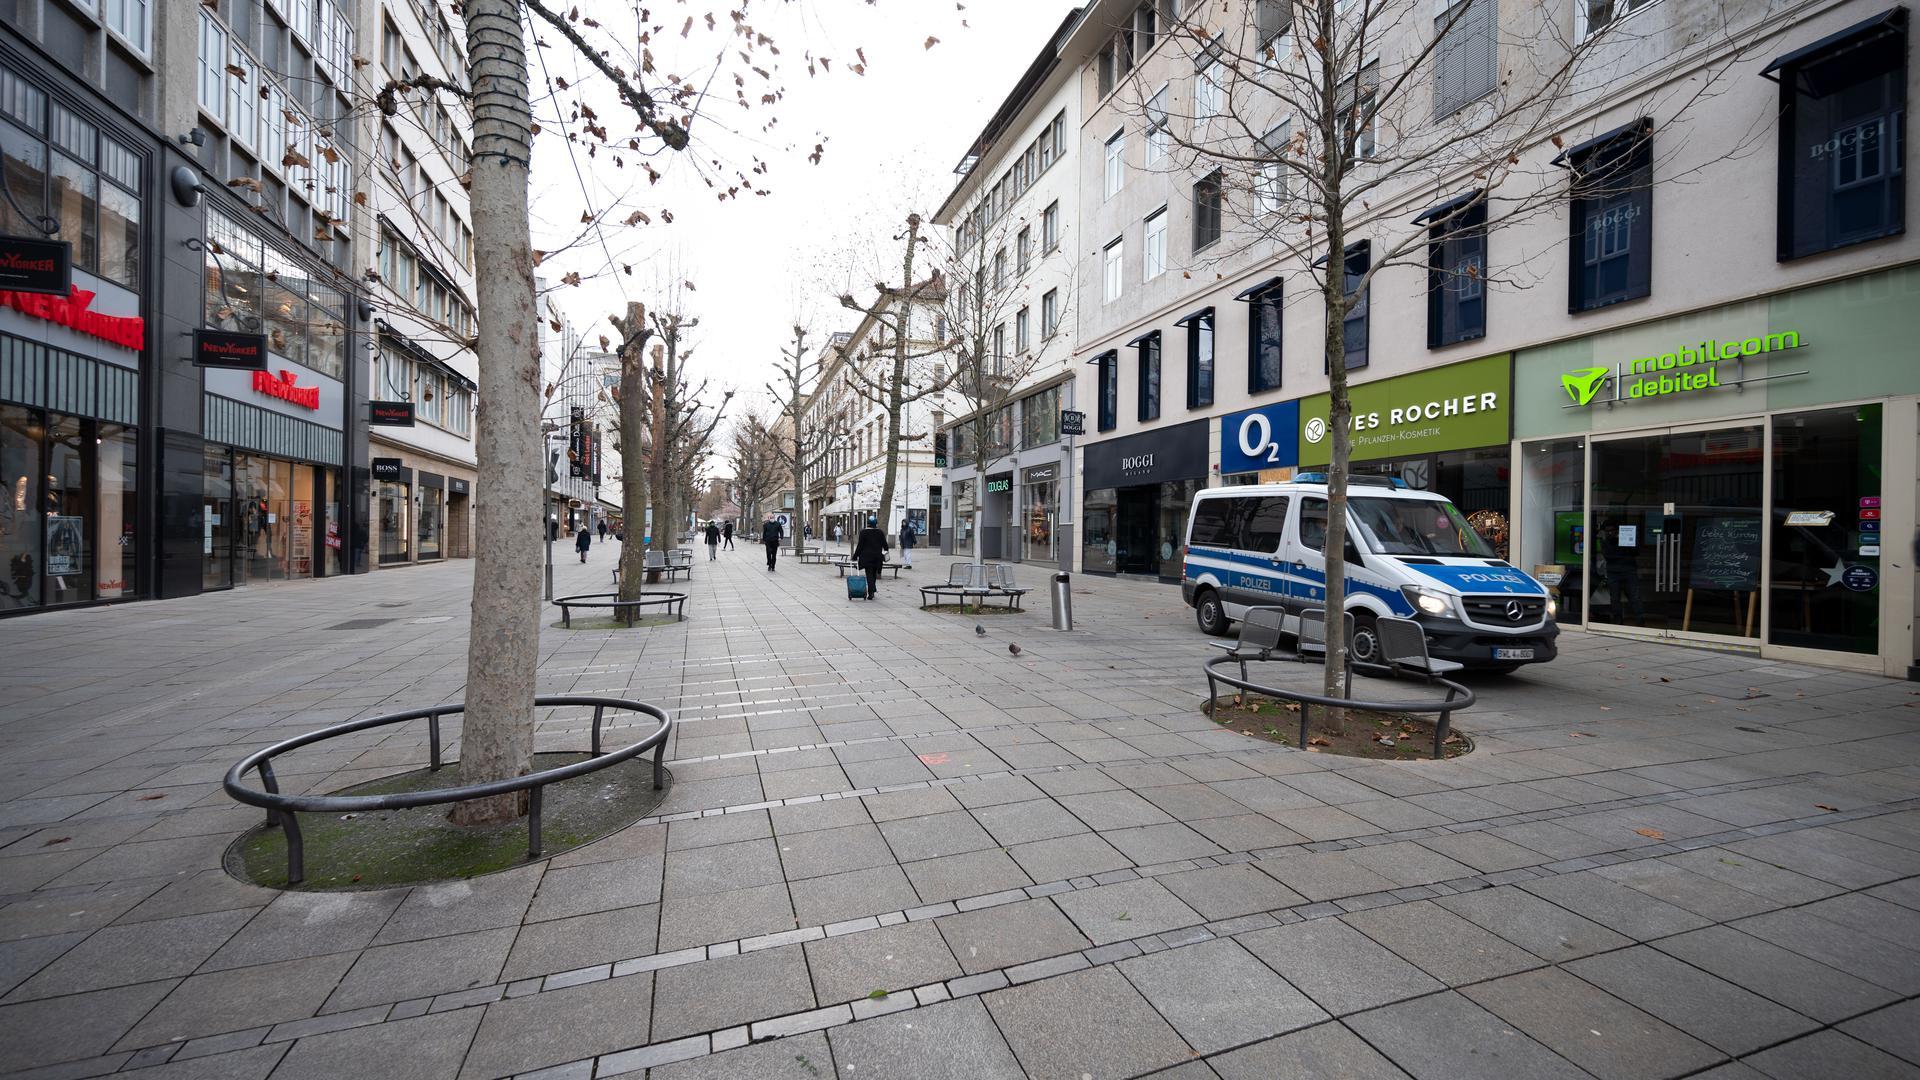 Verwaiste Einkaufsmeile in Stuttgart: Der noch anhaltende Corona-Lockdown wurde in Baden-Württemberg im Dezember nach einem starken Anstieg der Infektionen und Todesfälle eingeführt.